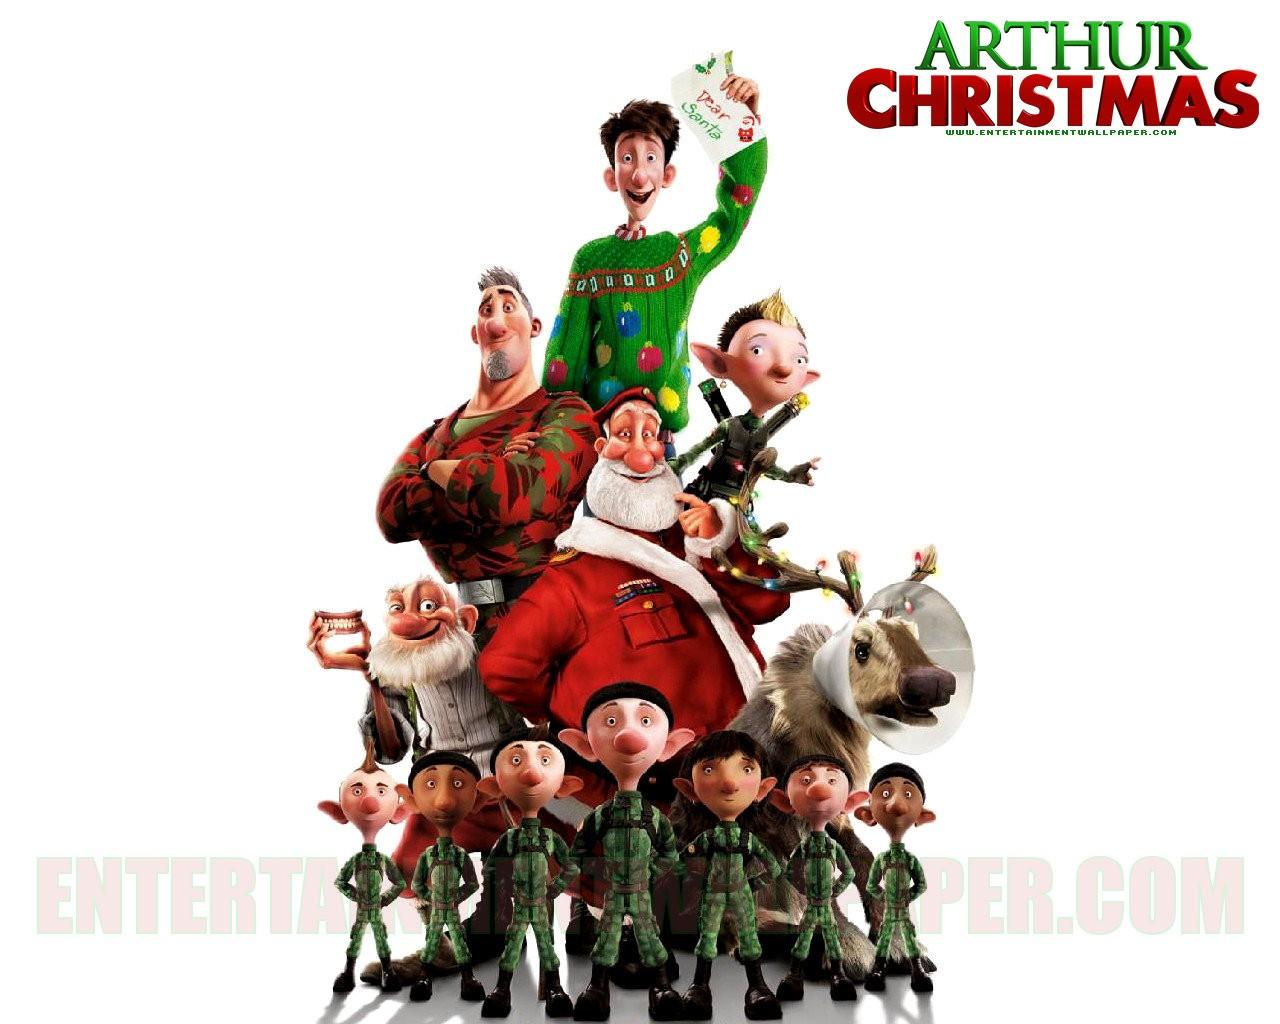 http://2.bp.blogspot.com/-gqy2-OHAO6E/TuLQ8ALnAOI/AAAAAAAAATM/Fl-7uApm2PU/s1600/arthur-christmas10.jpg